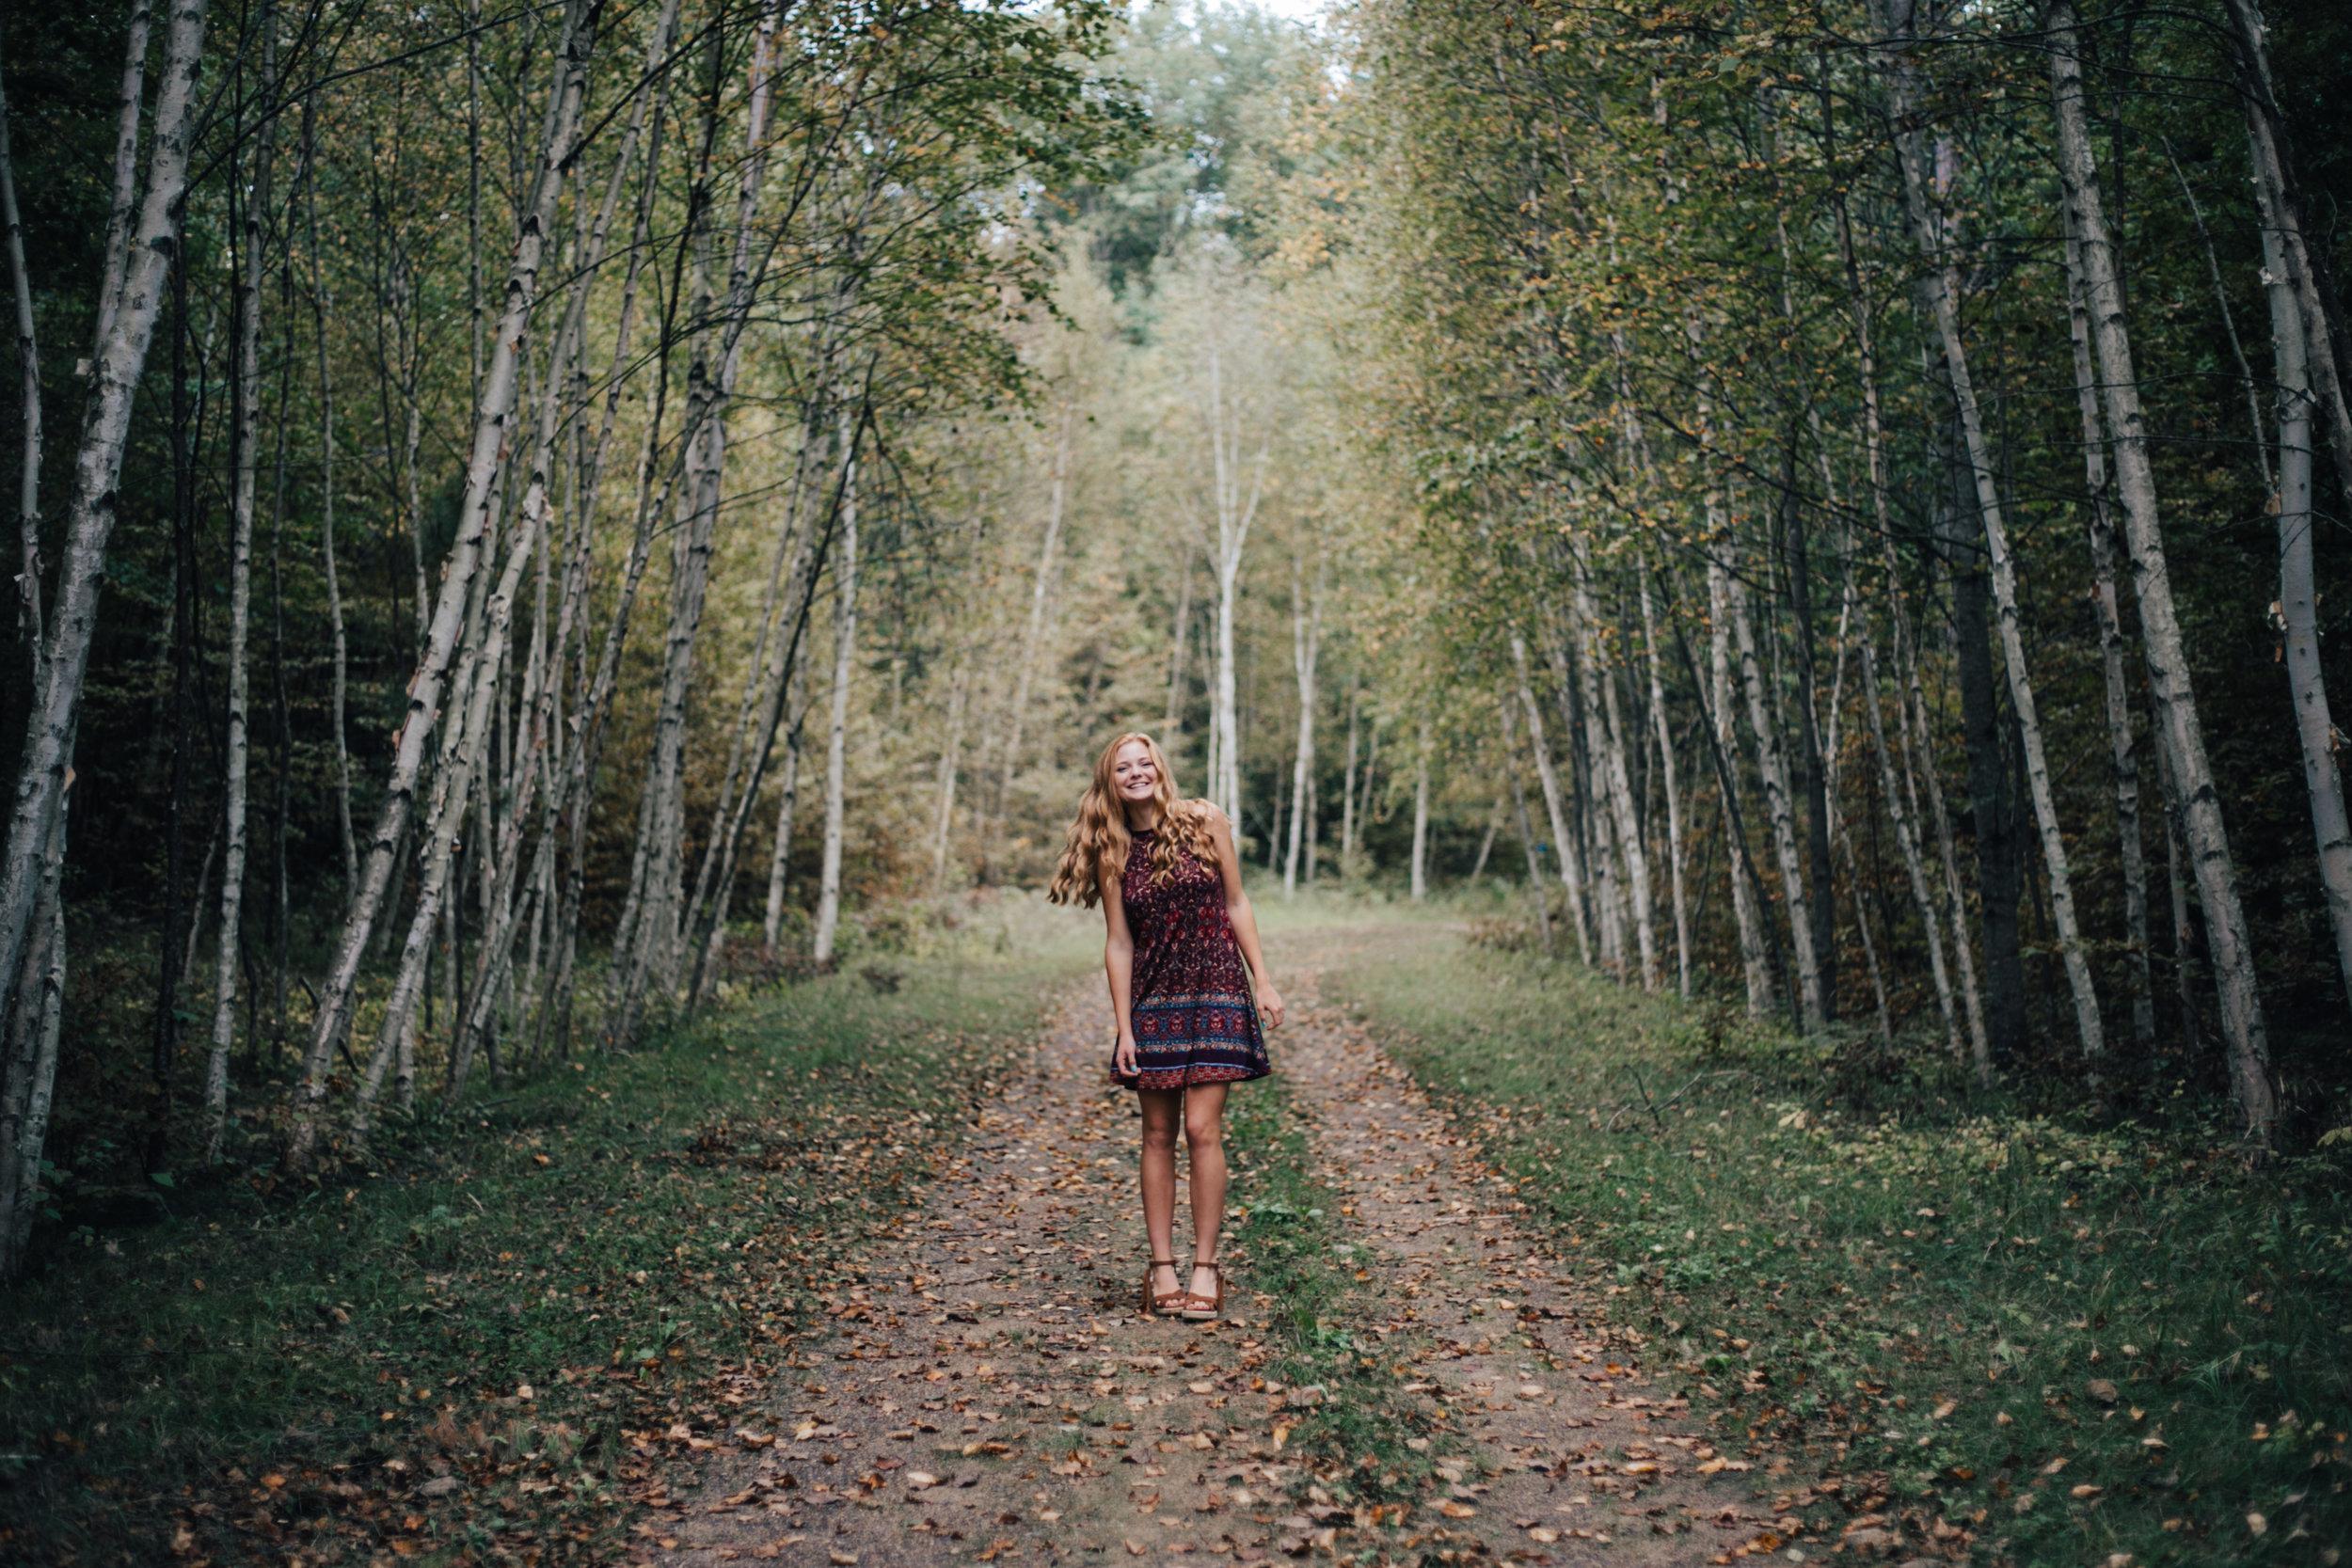 Unique high school senior portrait by Britt DeZeeuw, Brainerd Minnesota photographer